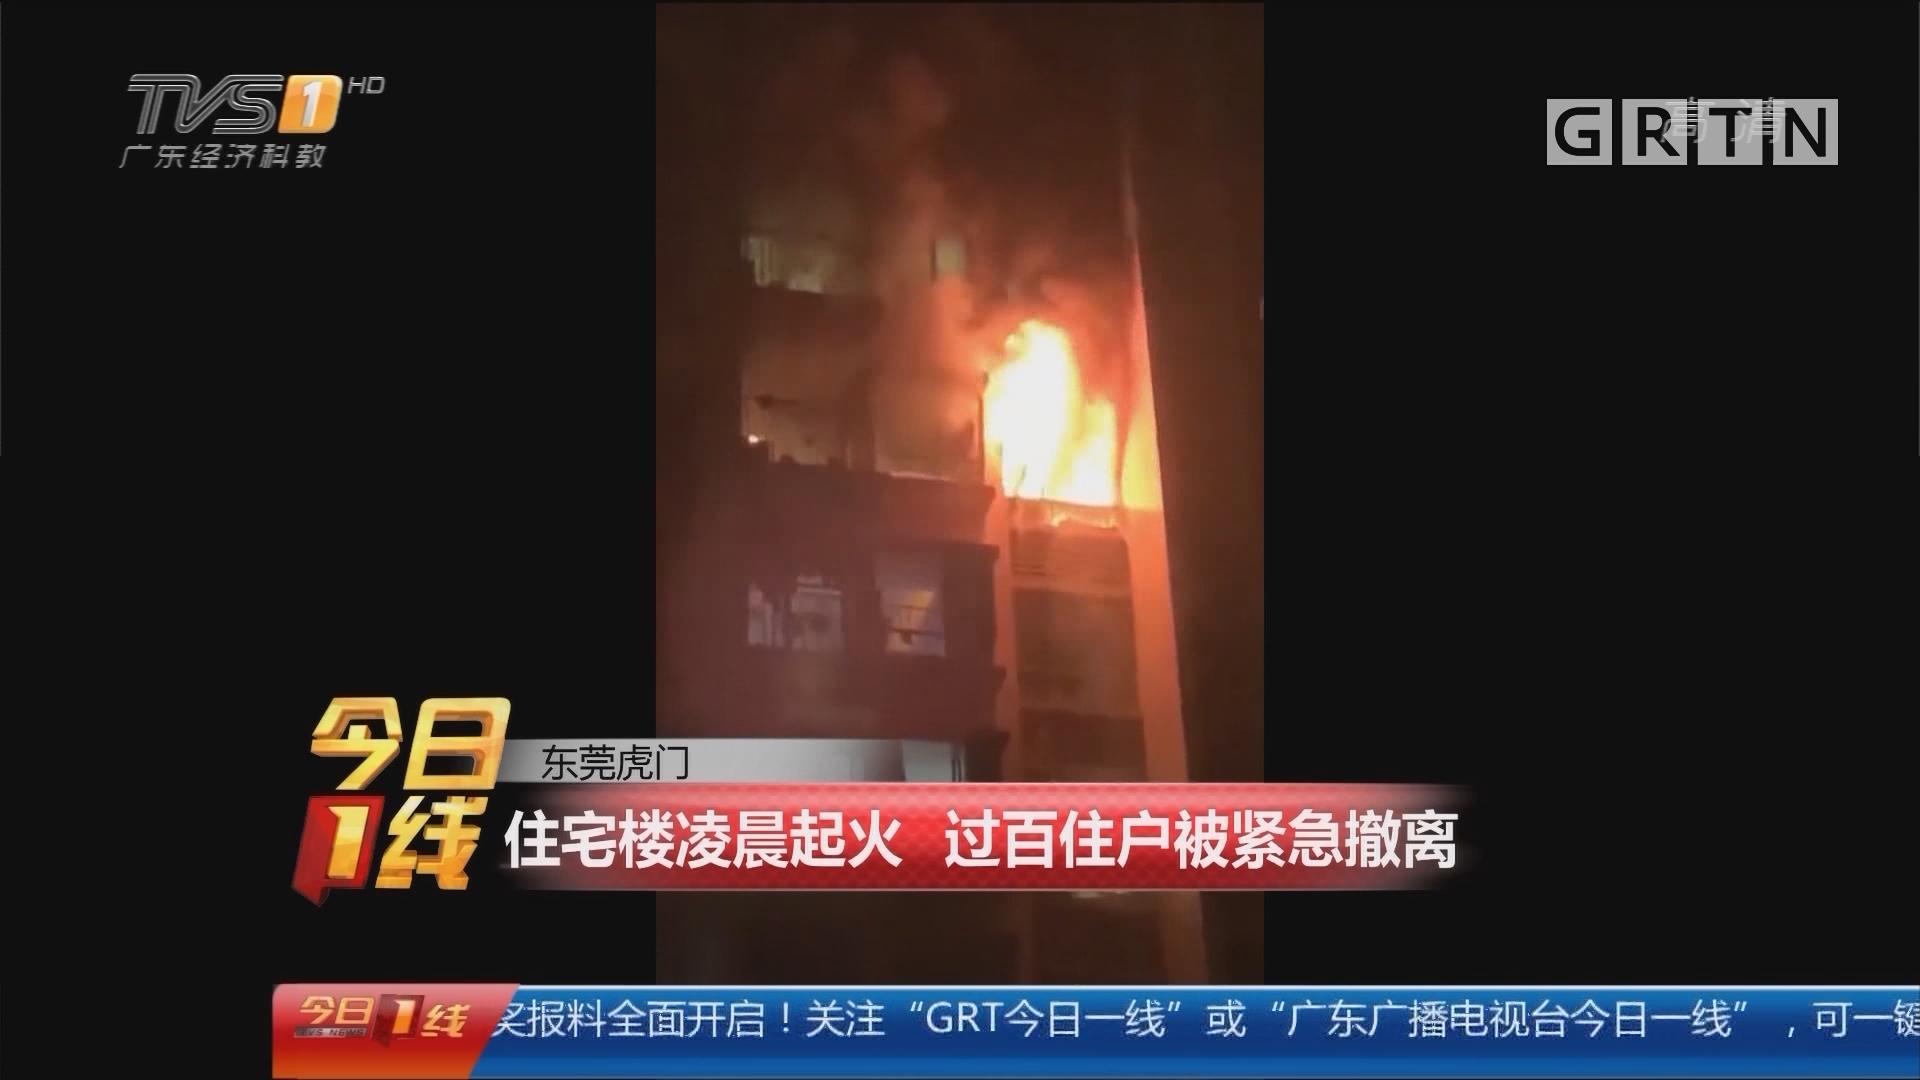 东莞虎门:住宅楼凌晨起火 过百住户被紧急撤离